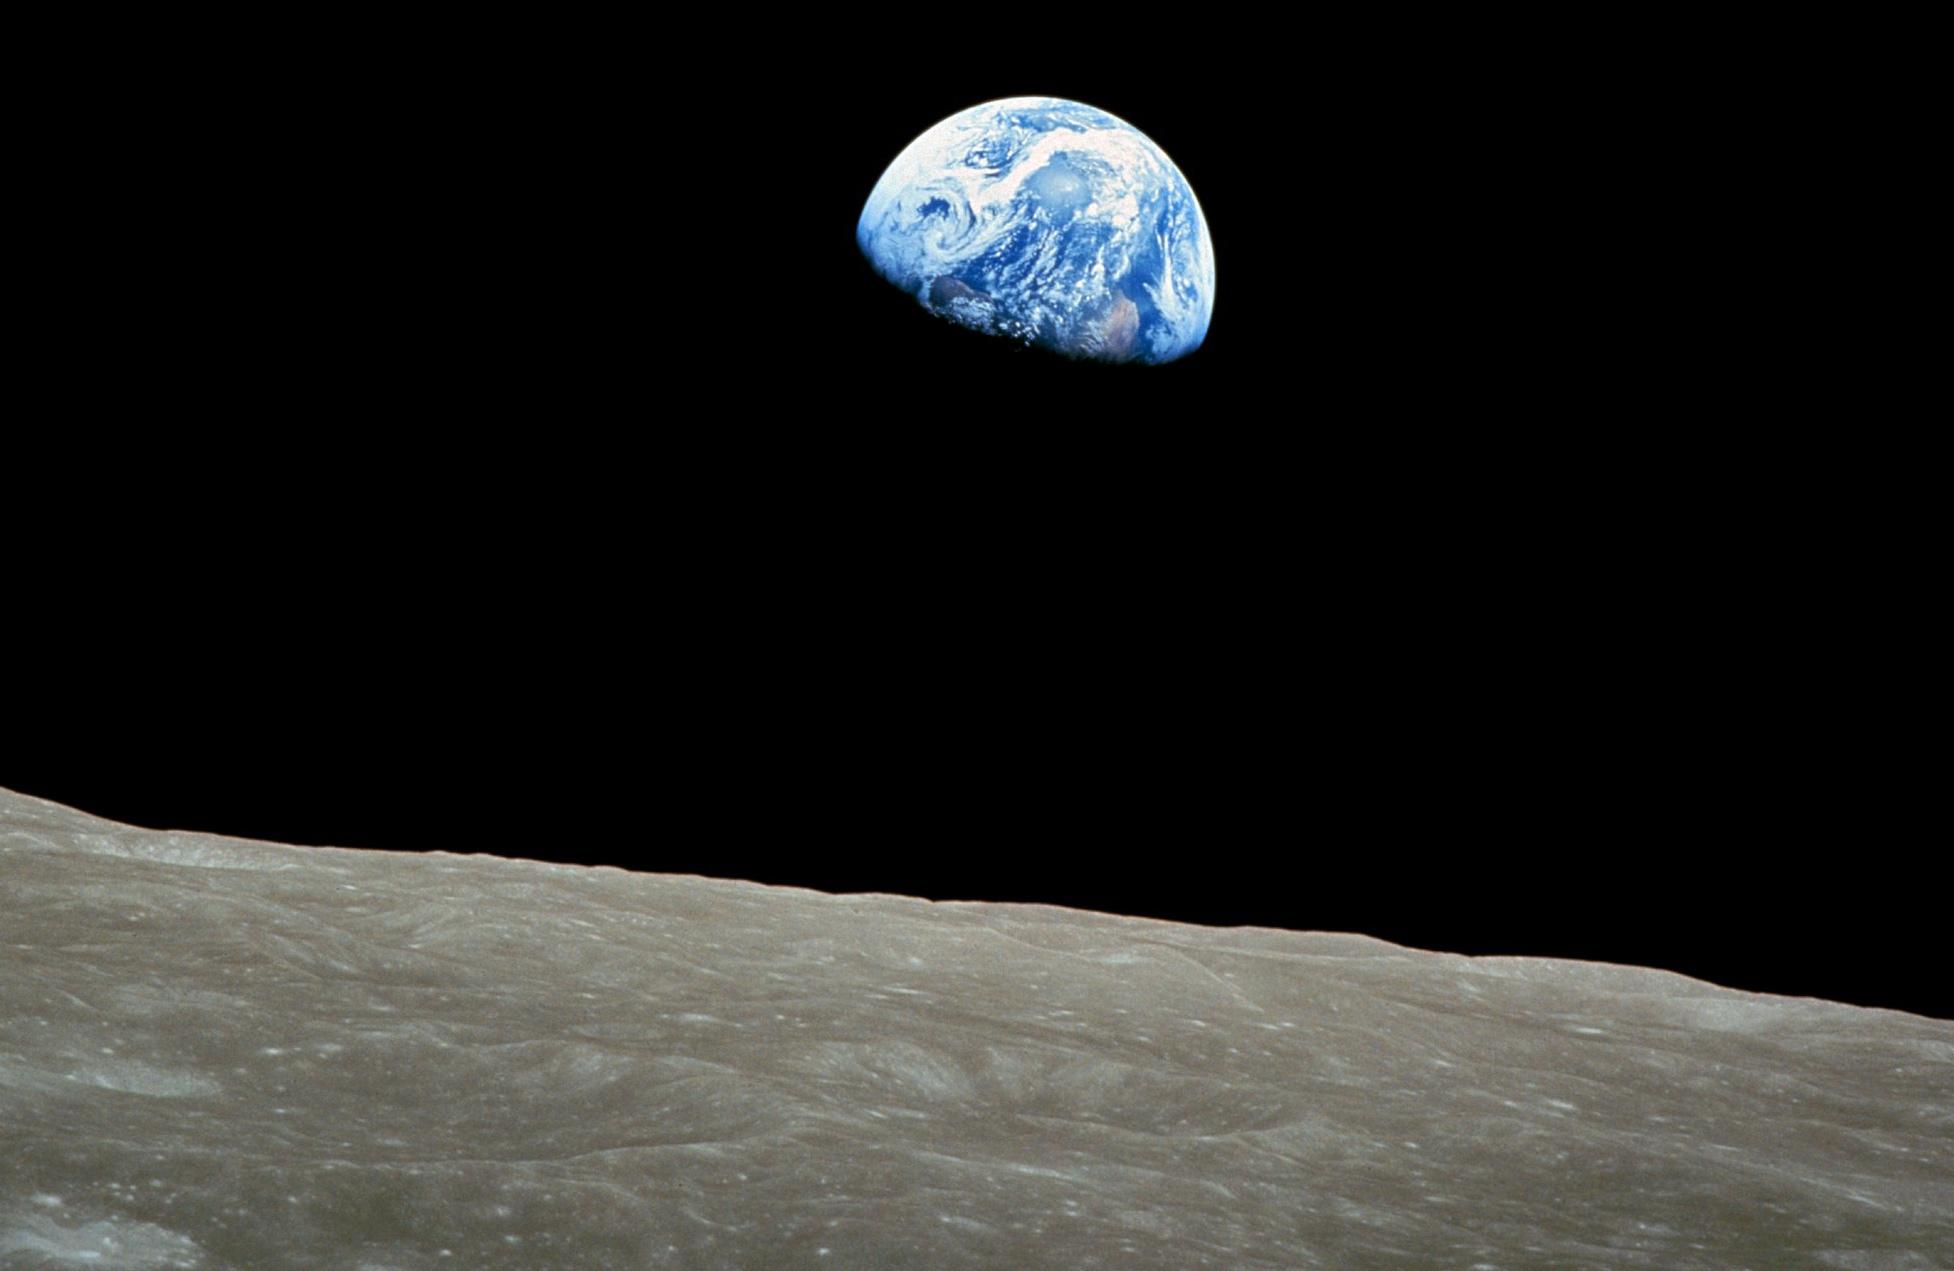 earthrise nasa - photo #5